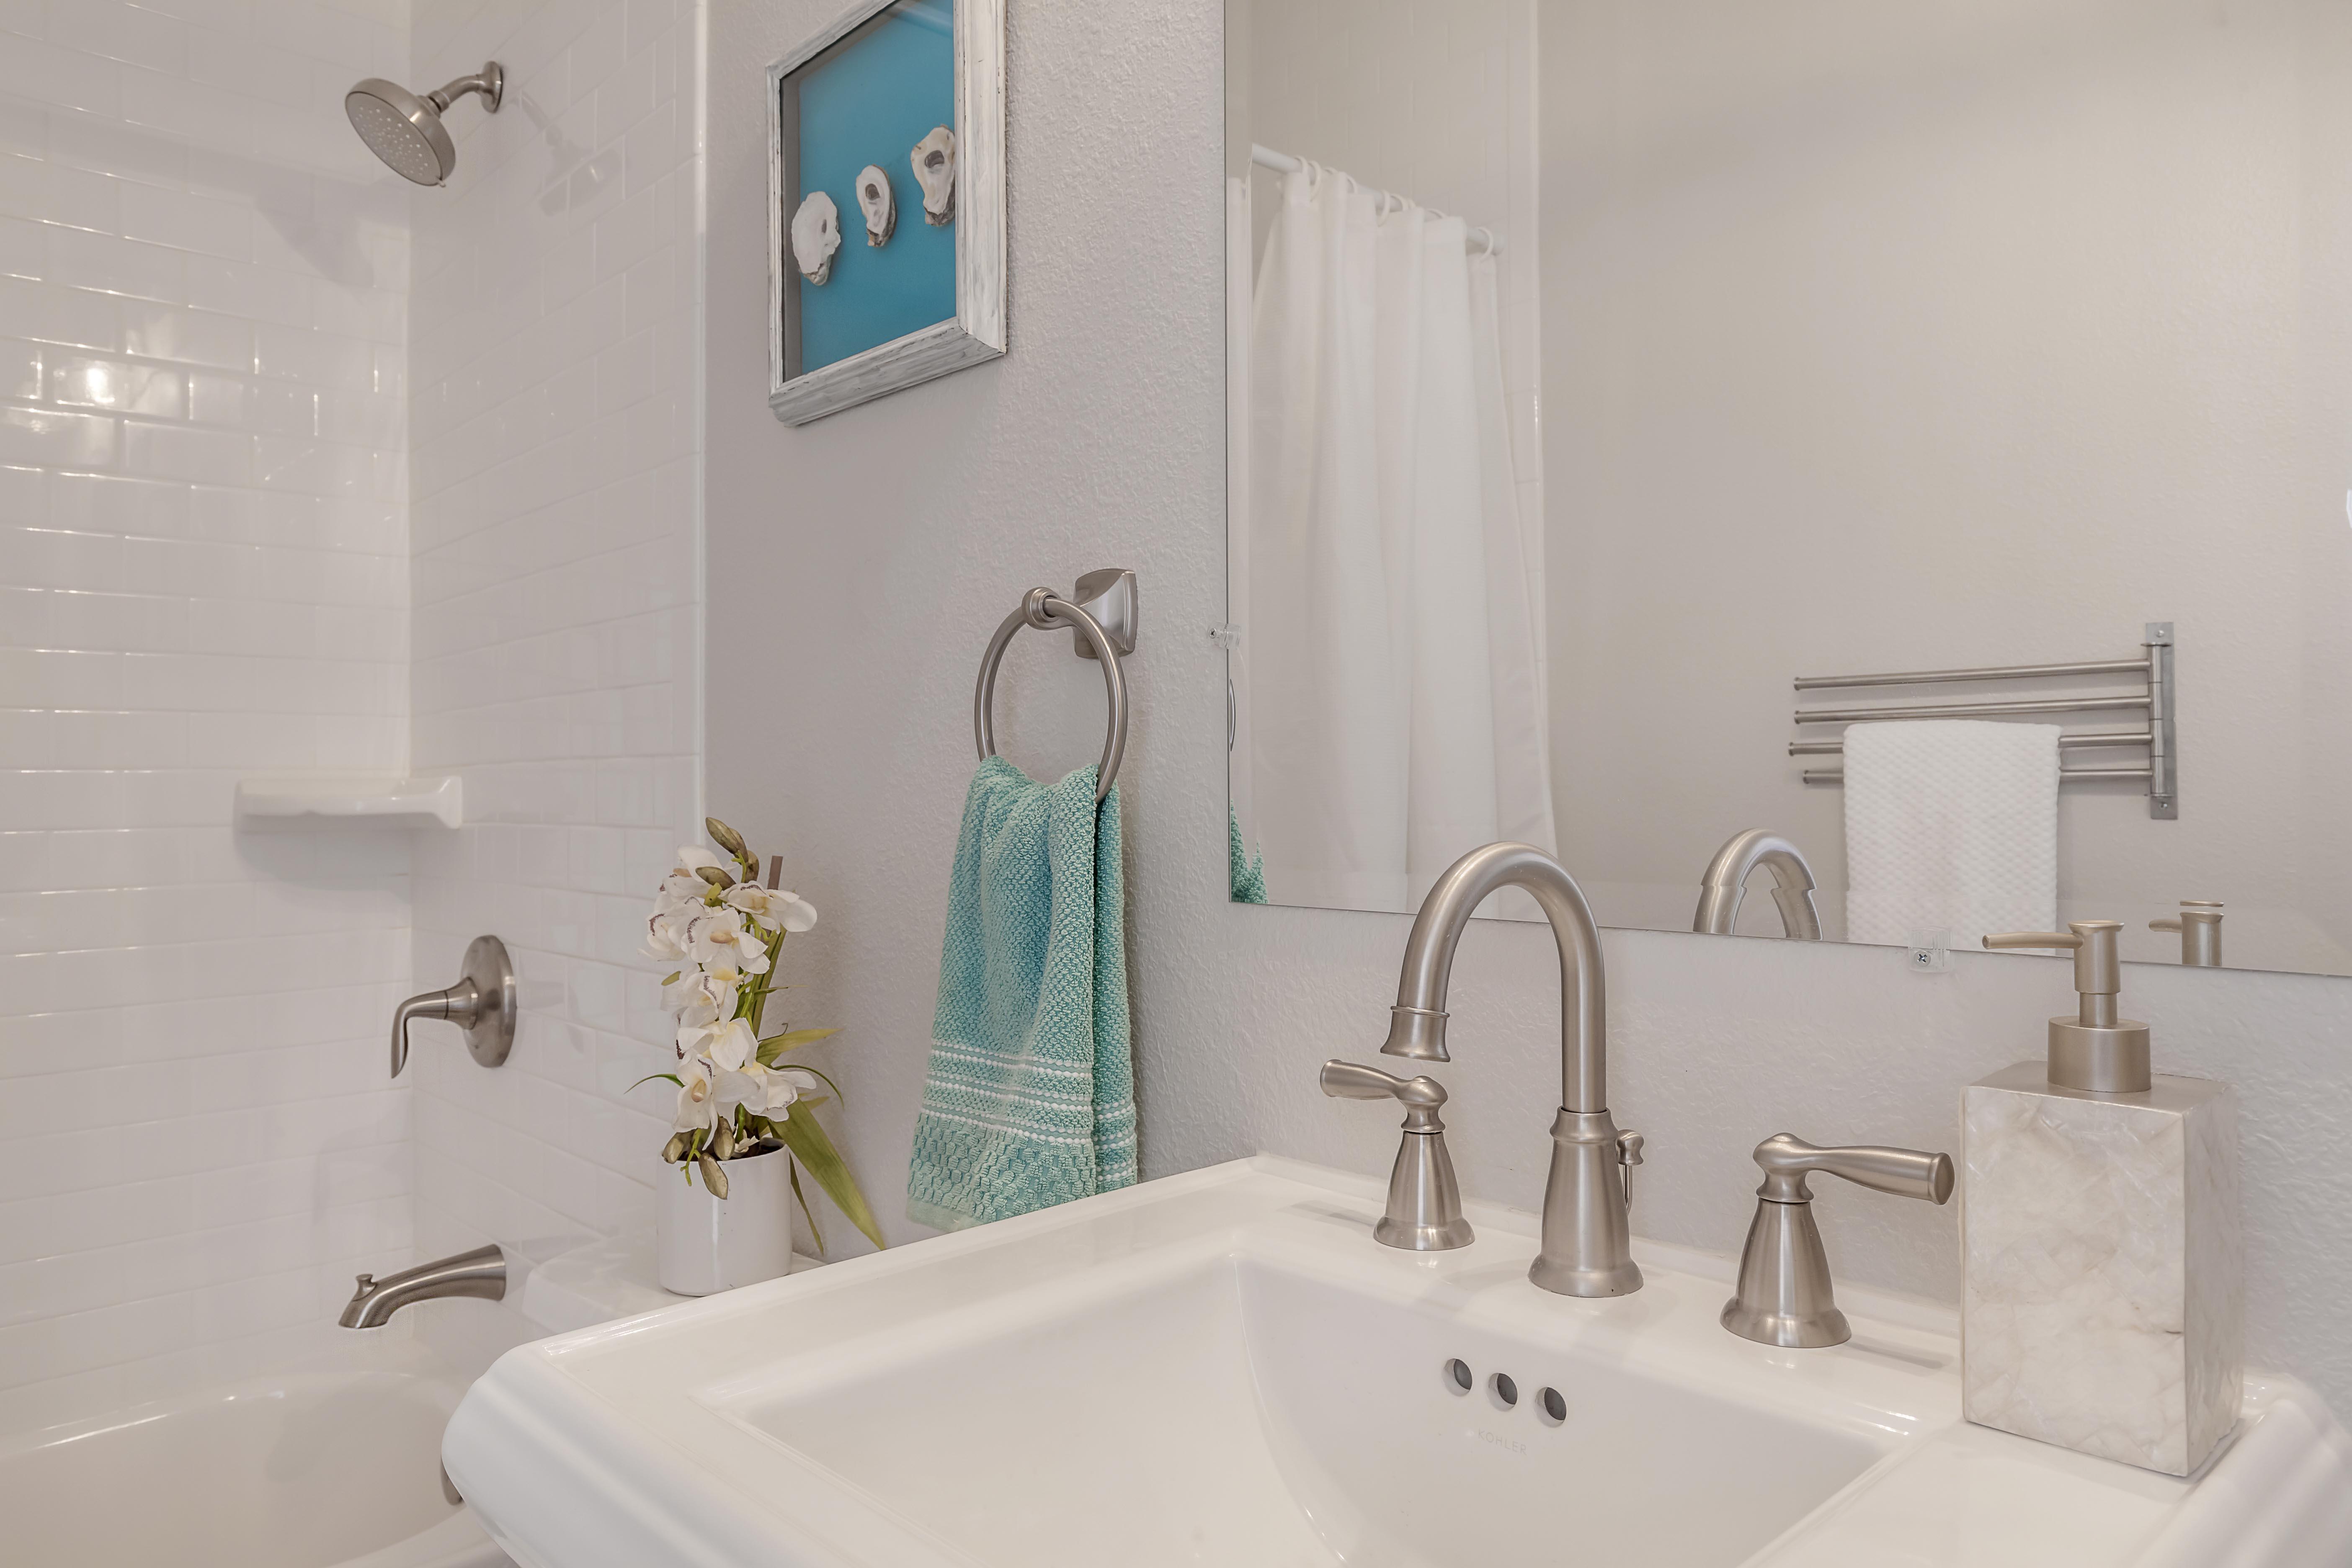 100 1940s bathroom design vintage bathroom decor for Bathroom designs 1940s